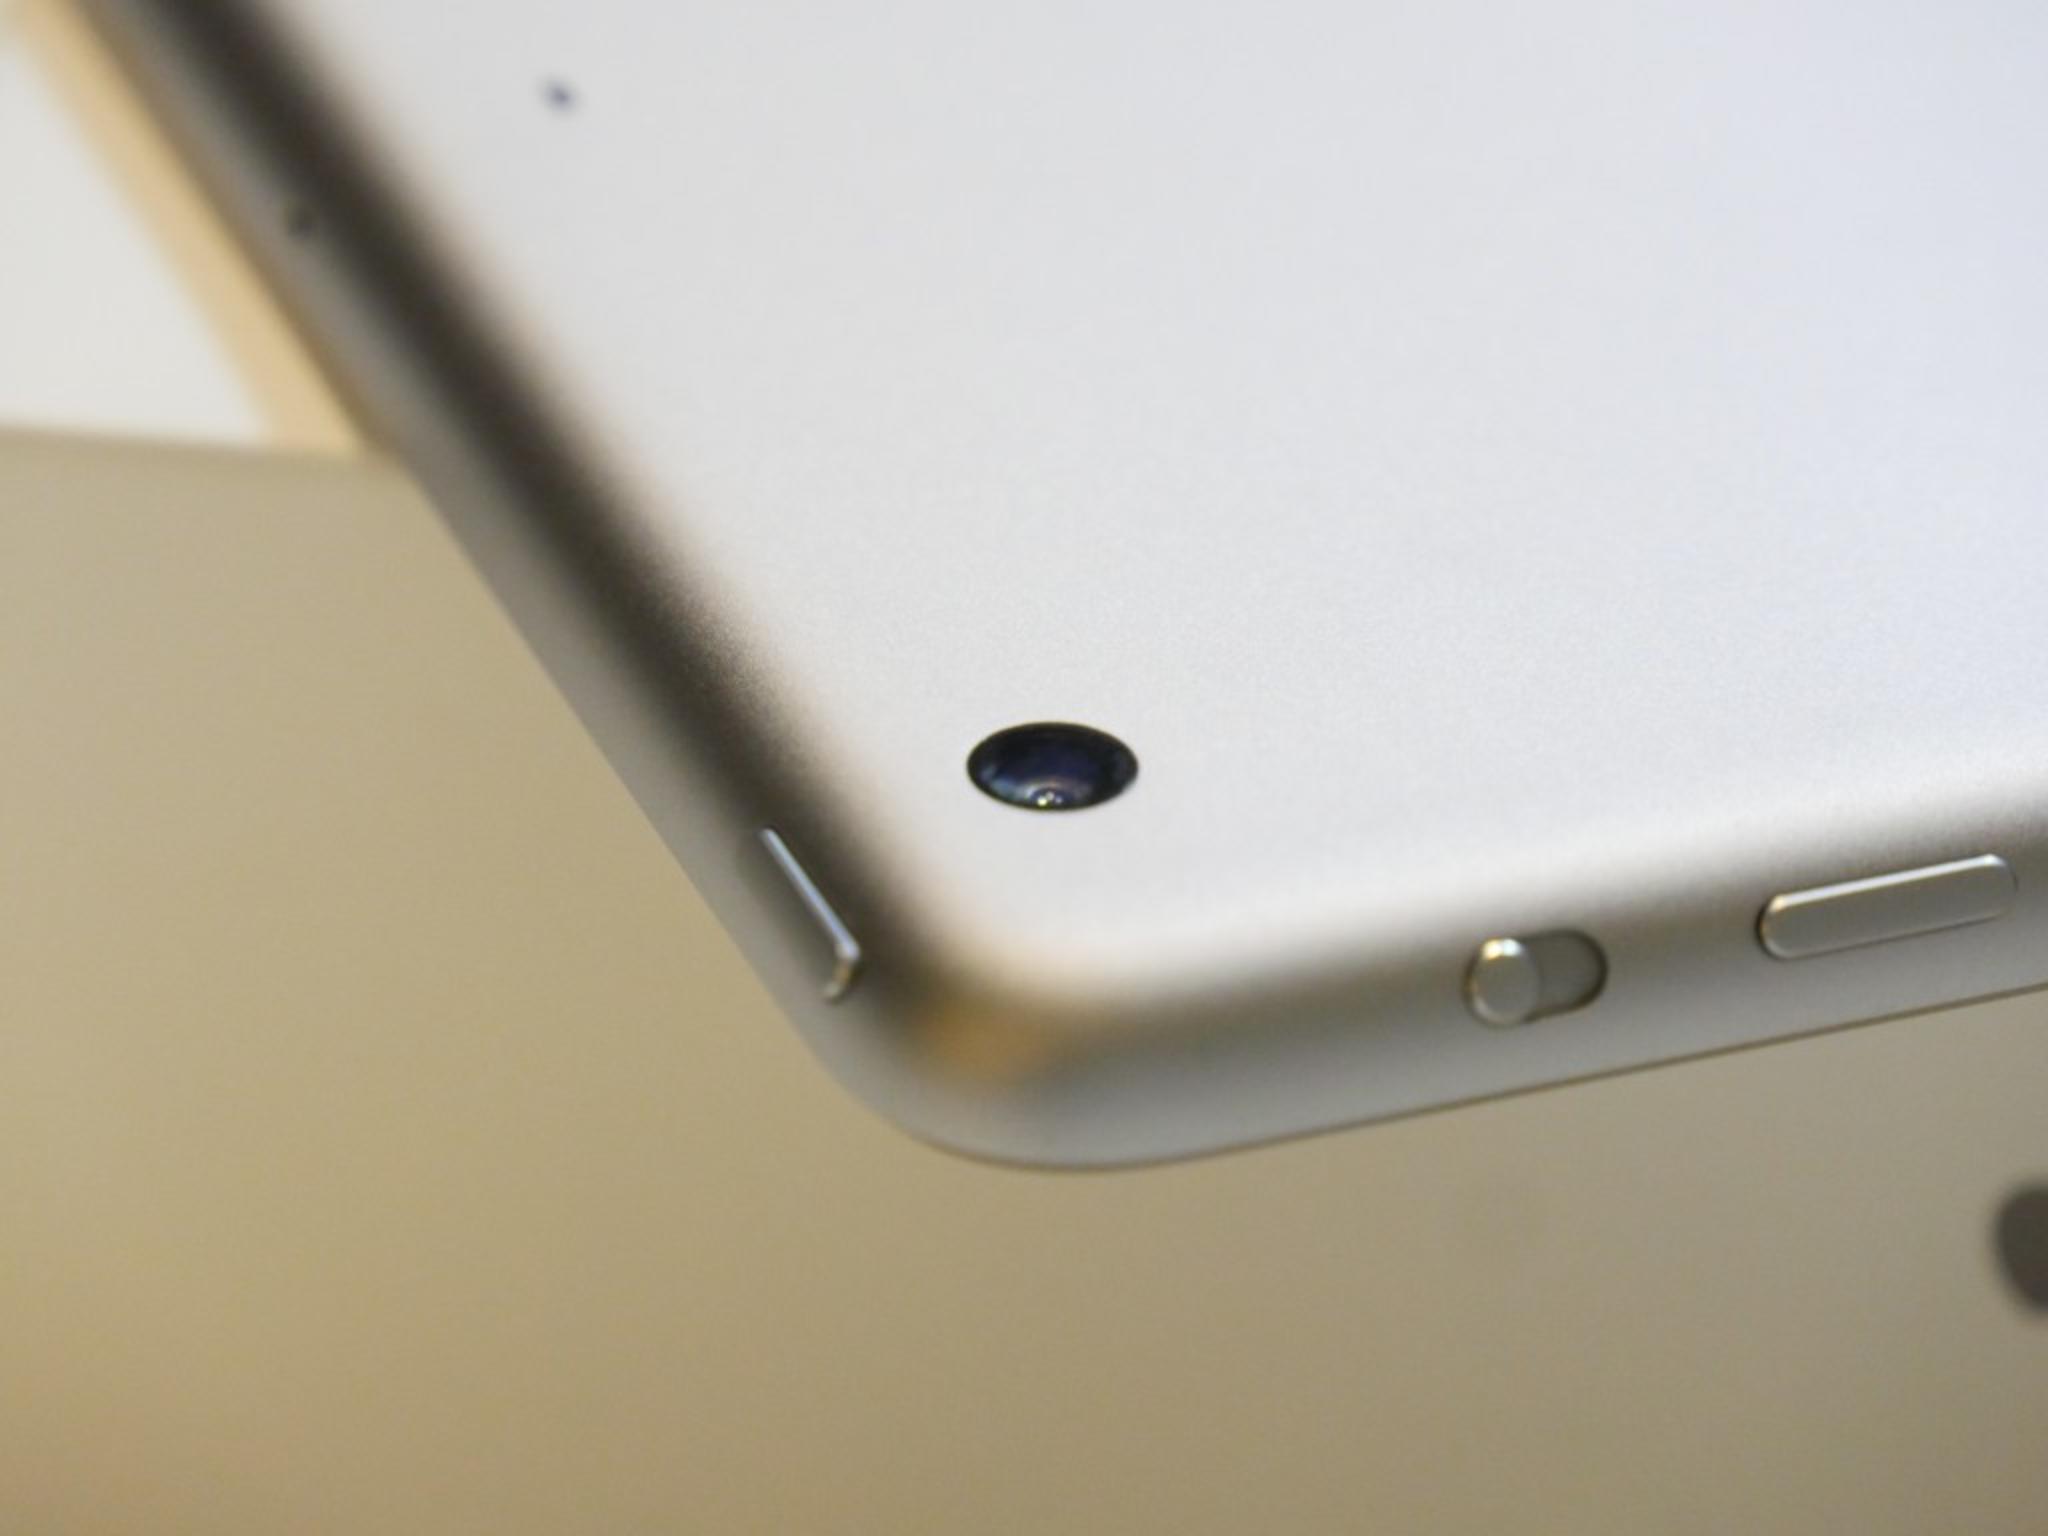 Die Rückkamera löst mit 5 Megapixeln auf.